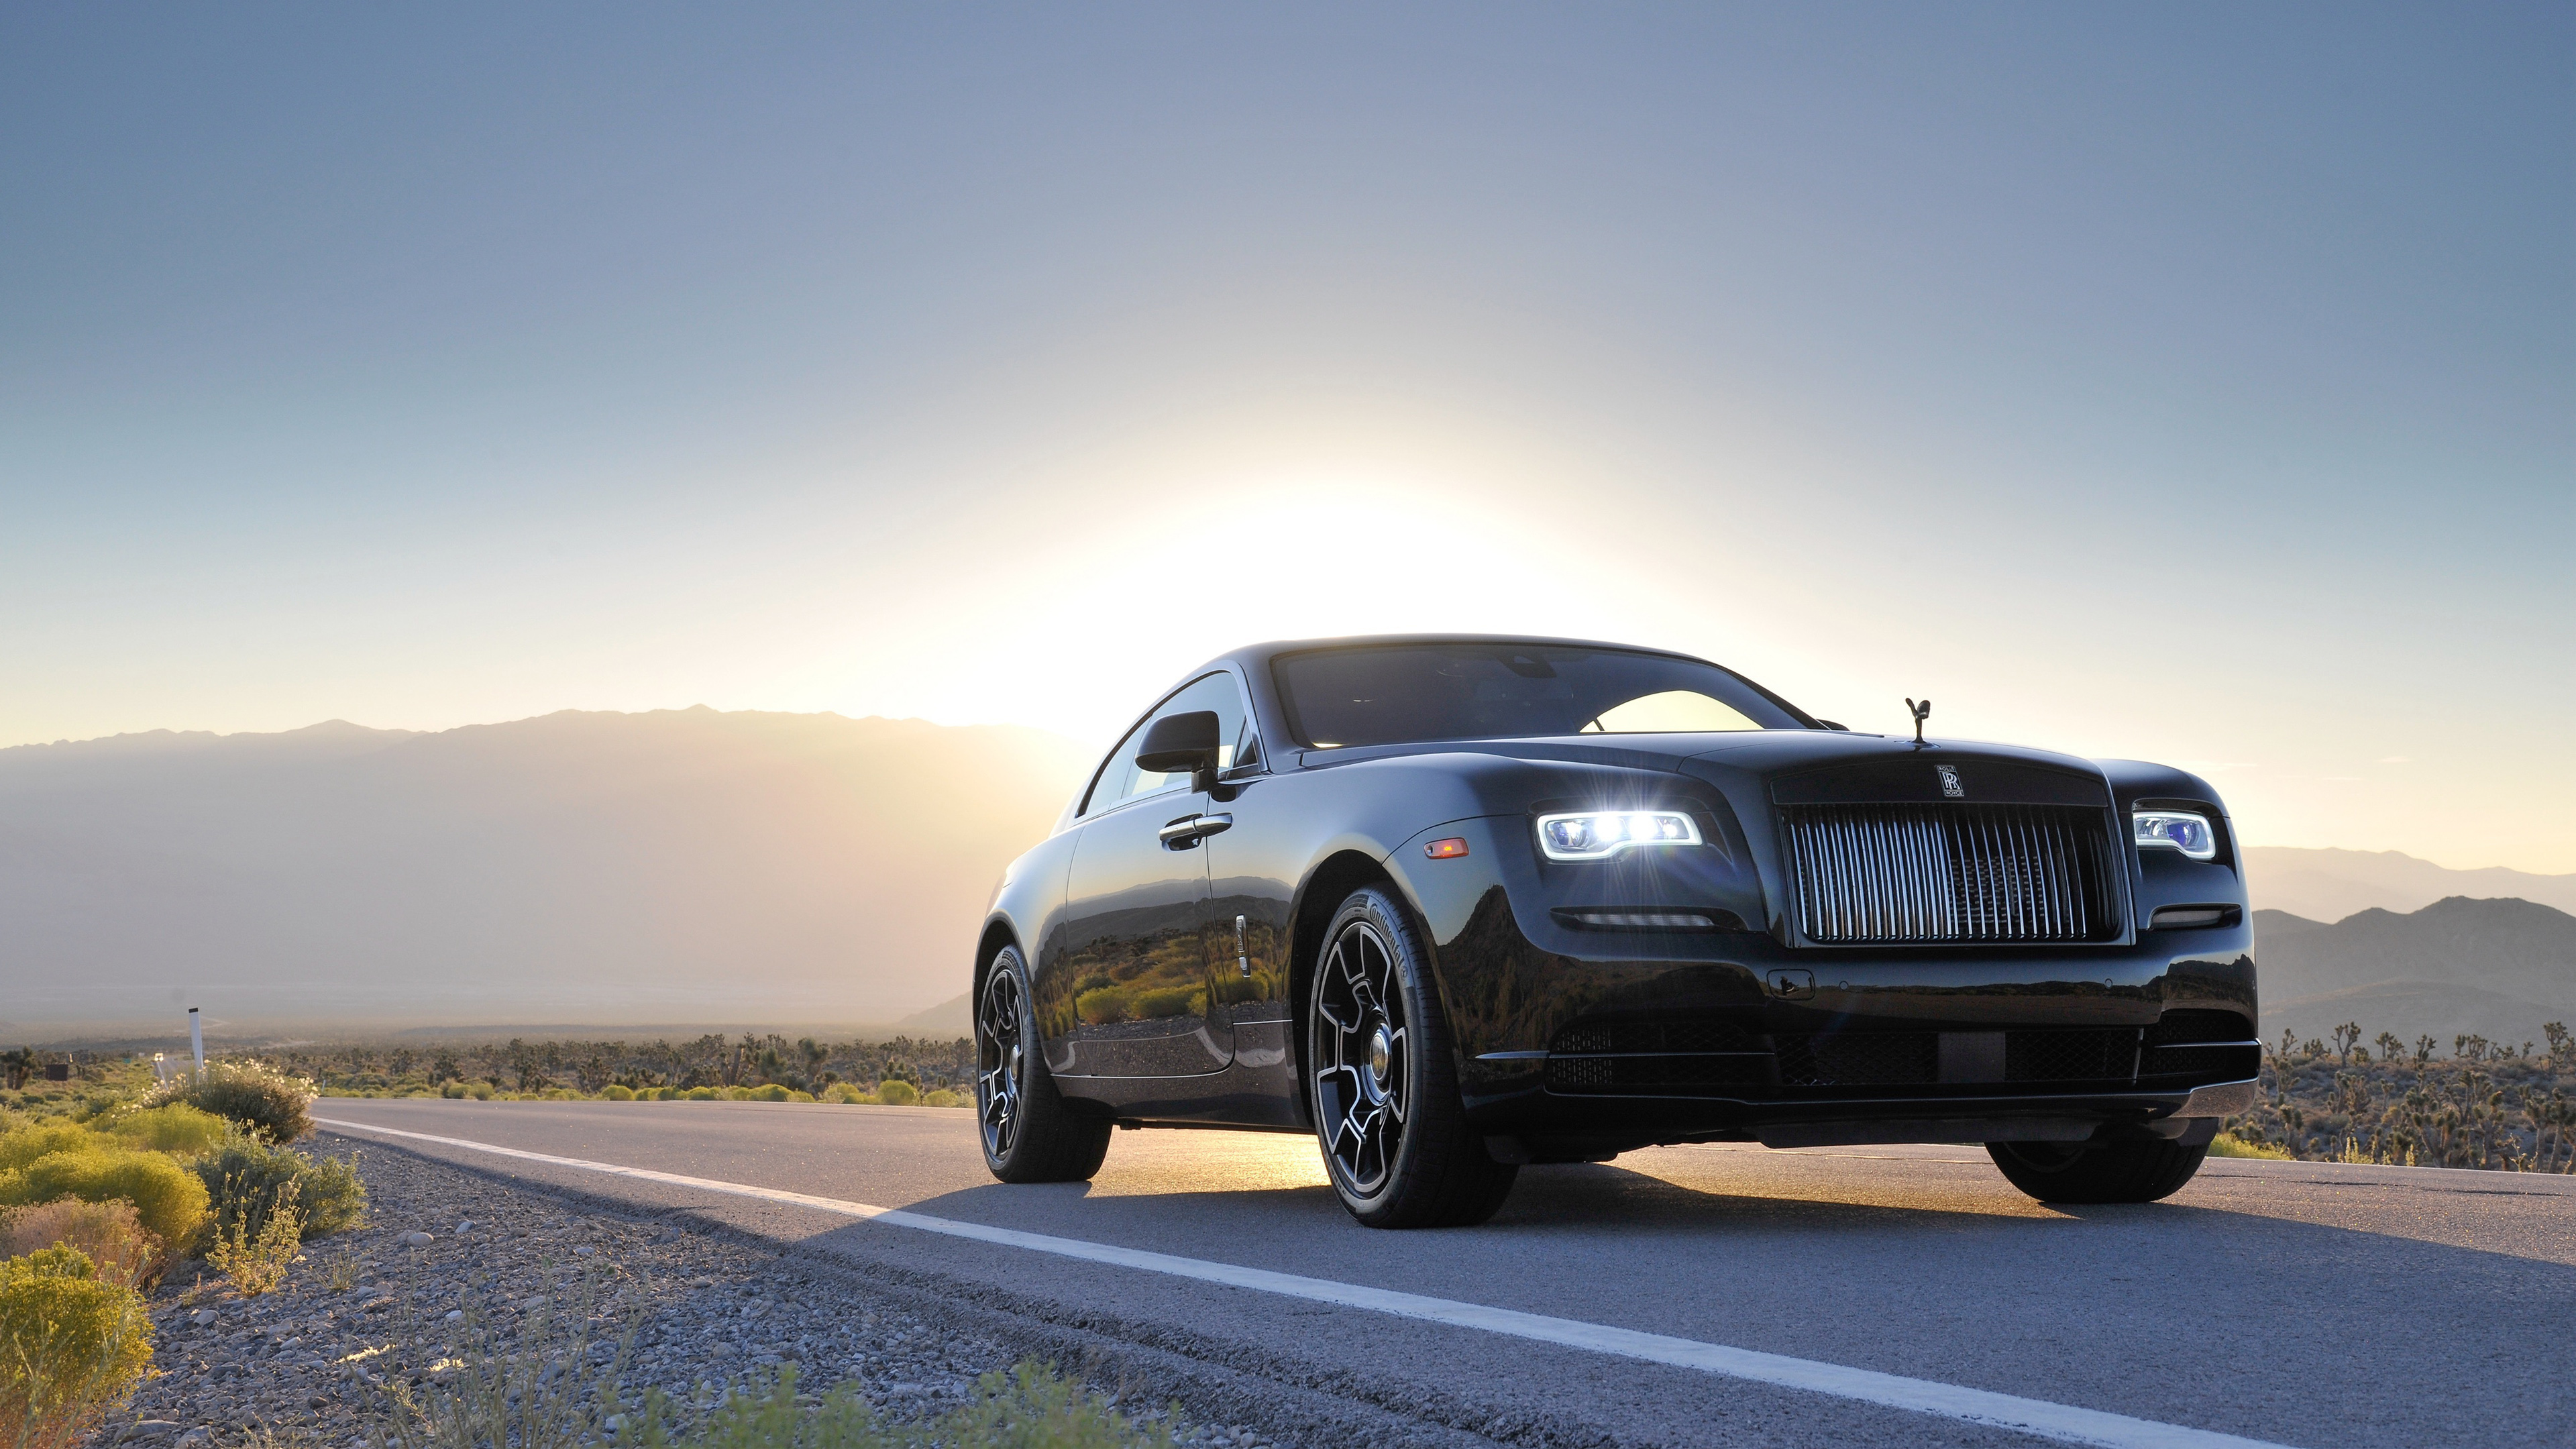 Rolls Royce Wraith Black Badge 4K Wallpaper